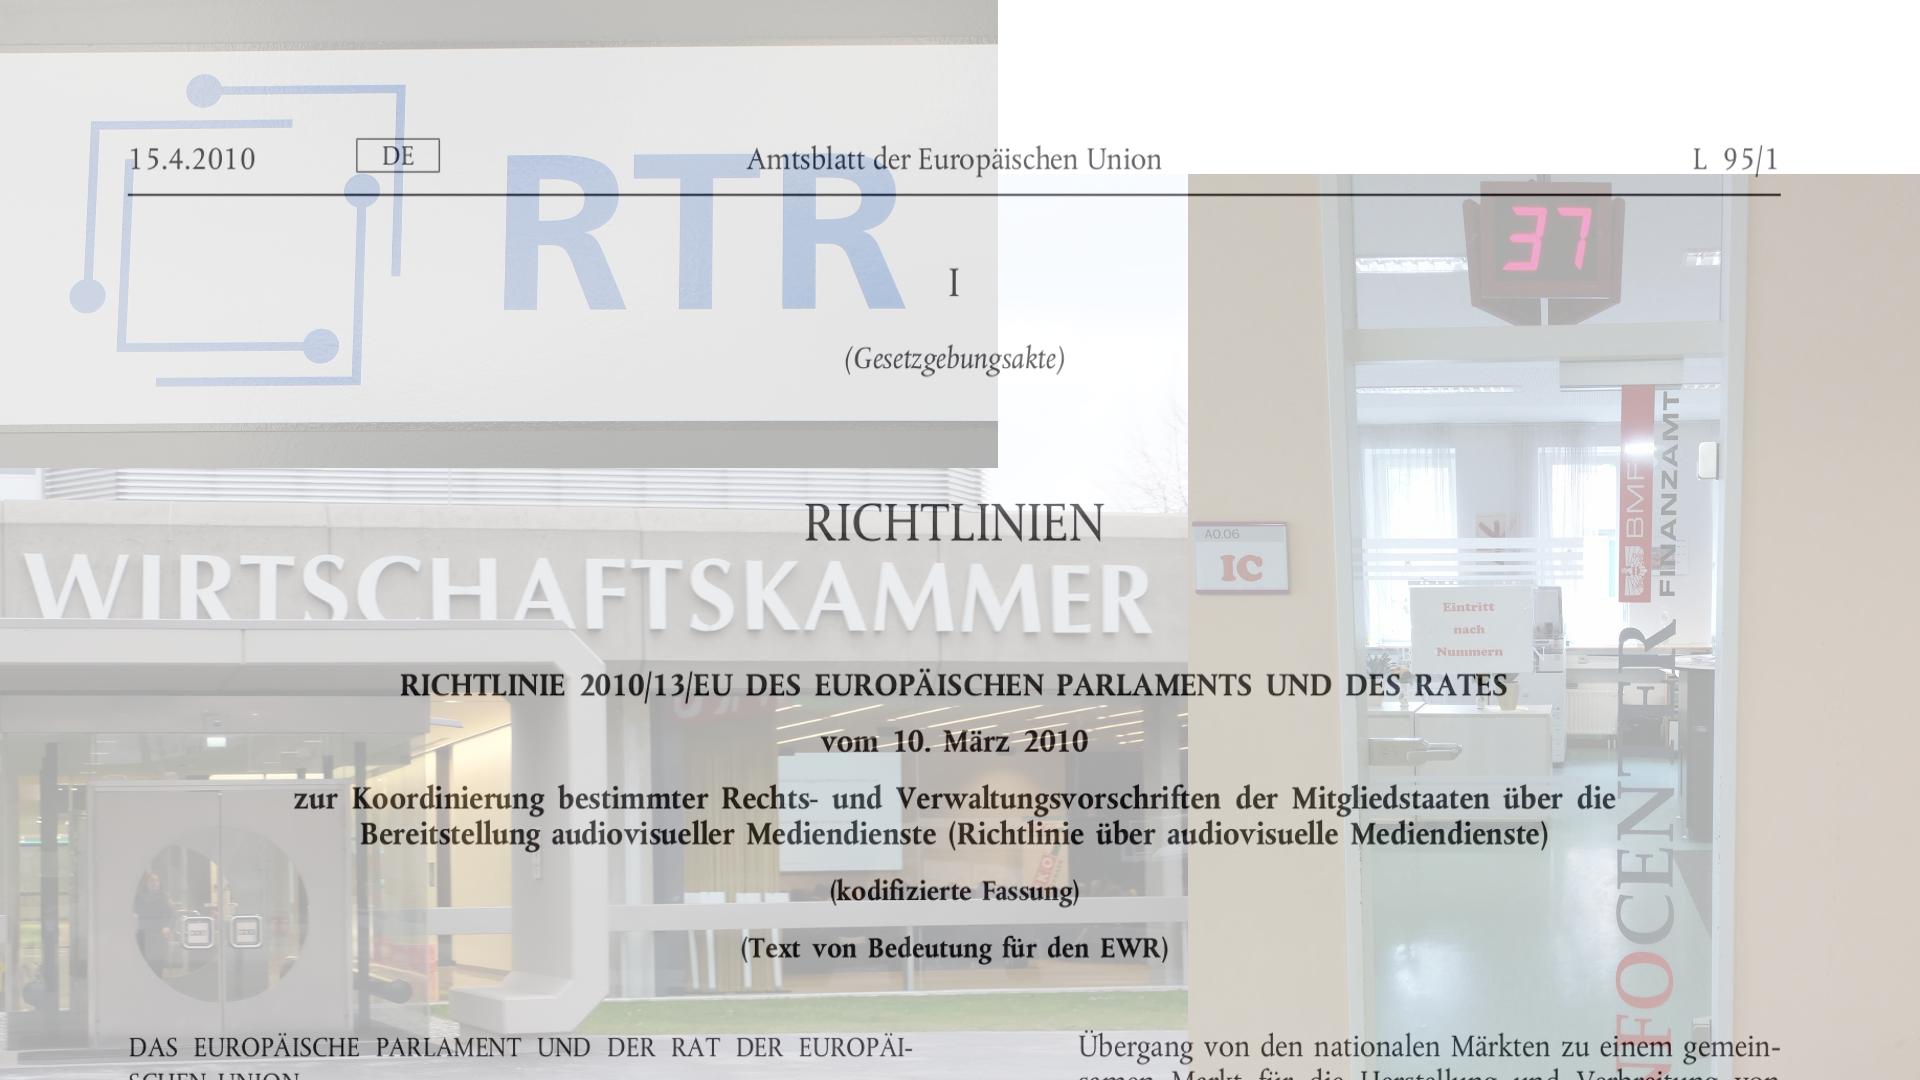 RTR-KommAustria-EU-Richtlinie-Videodienste-YouTube-Wirtschaftskammer